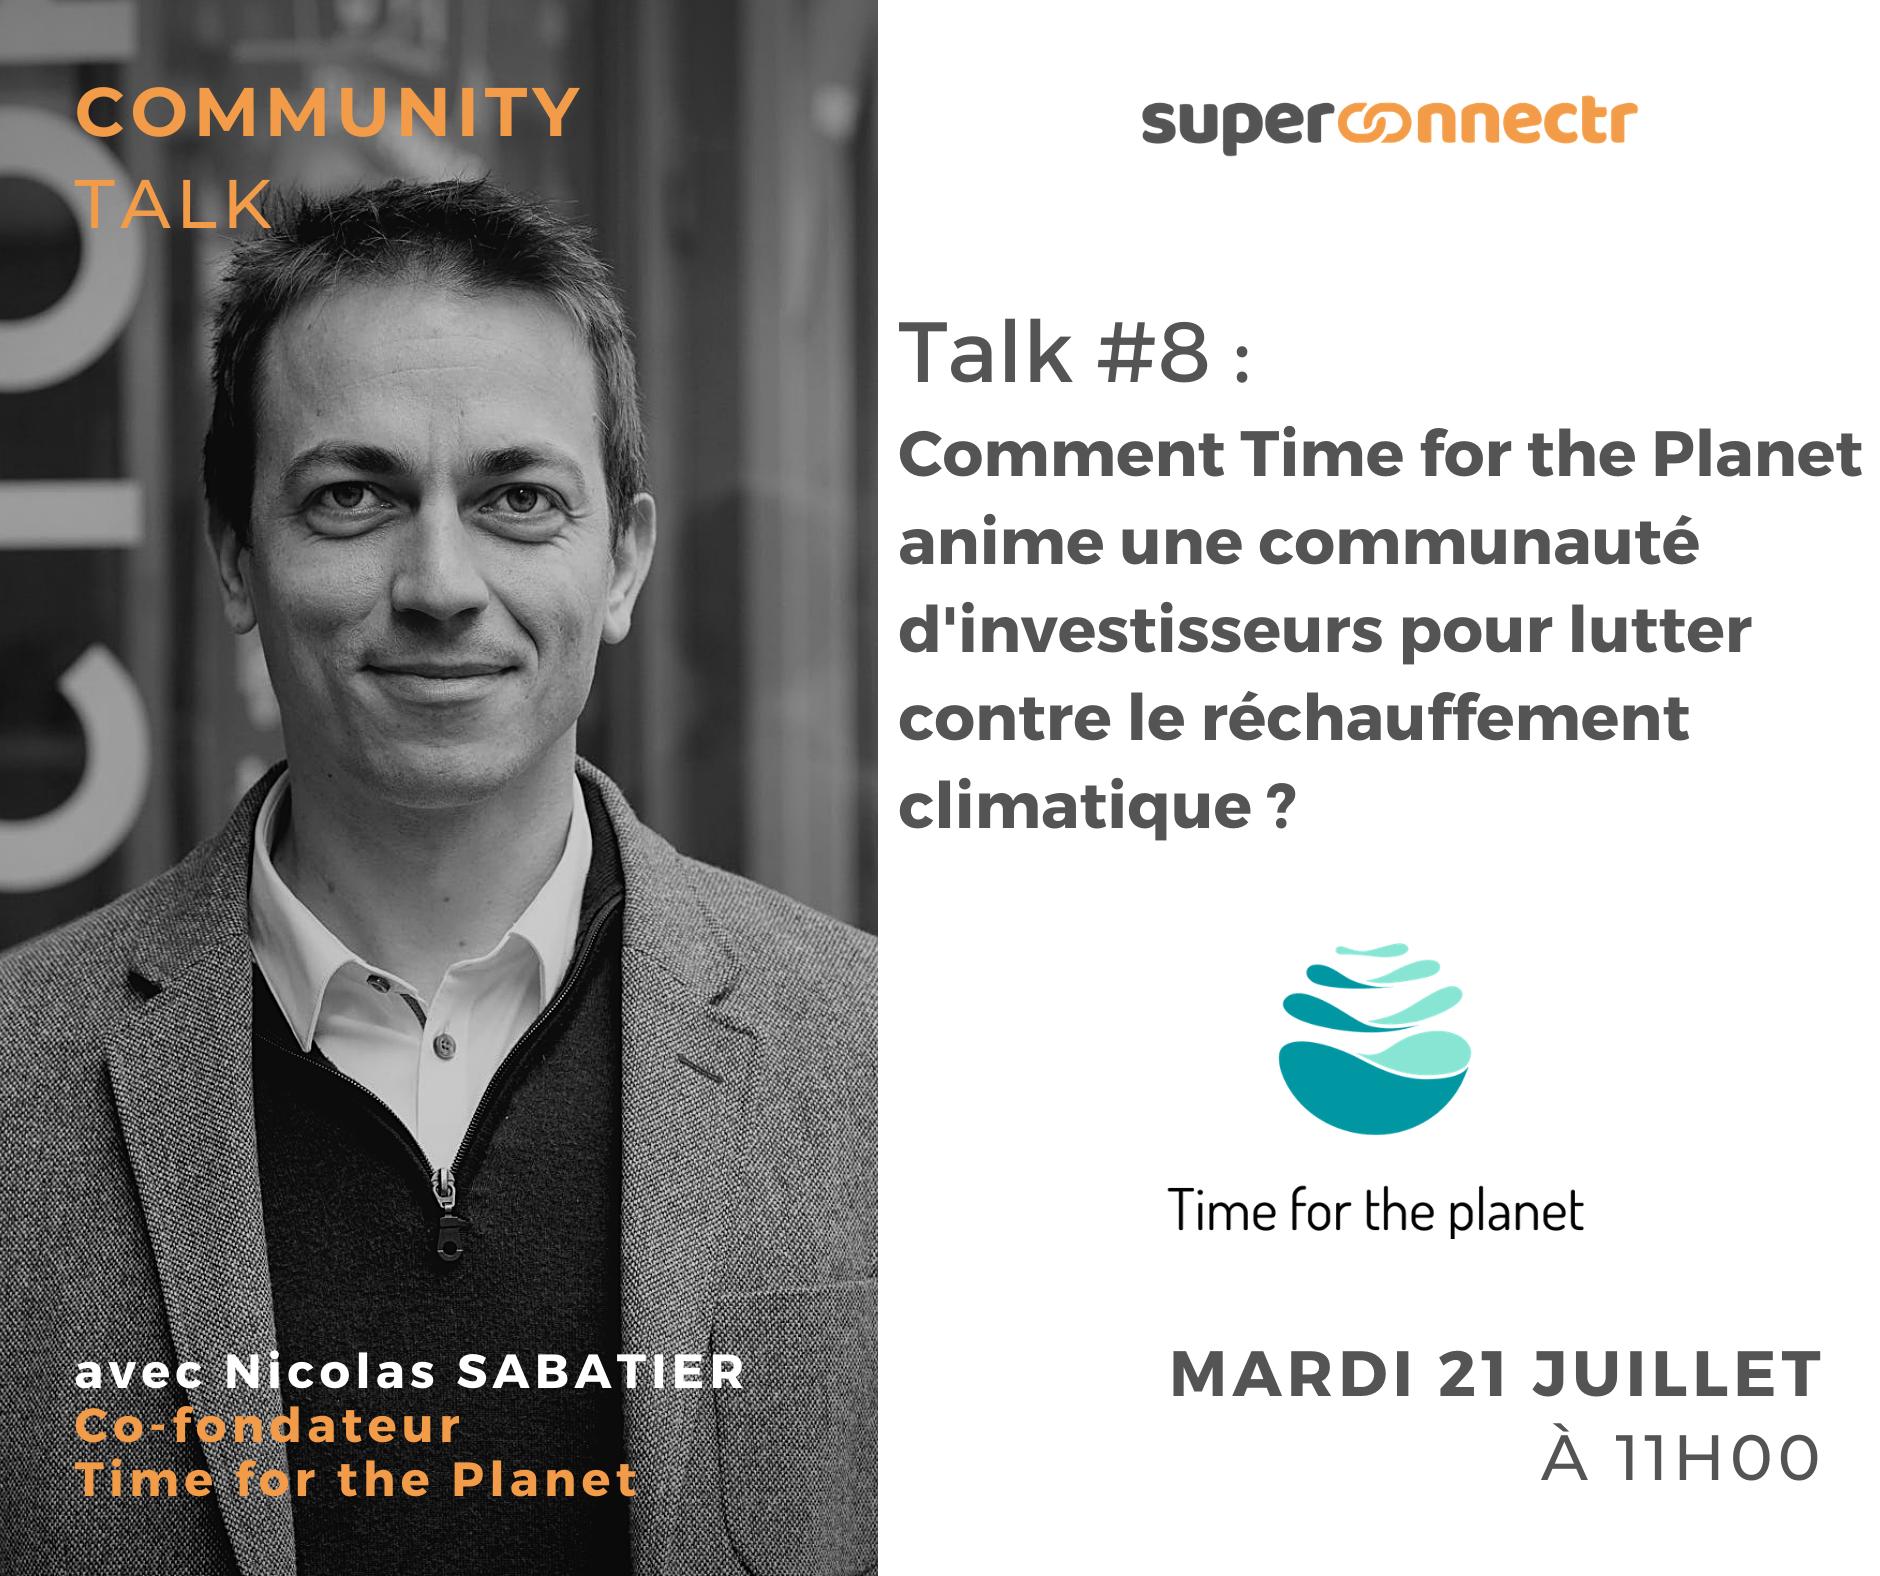 Community Talks by SuperConnectr - A la rencontre de la communauté Time for the Planet